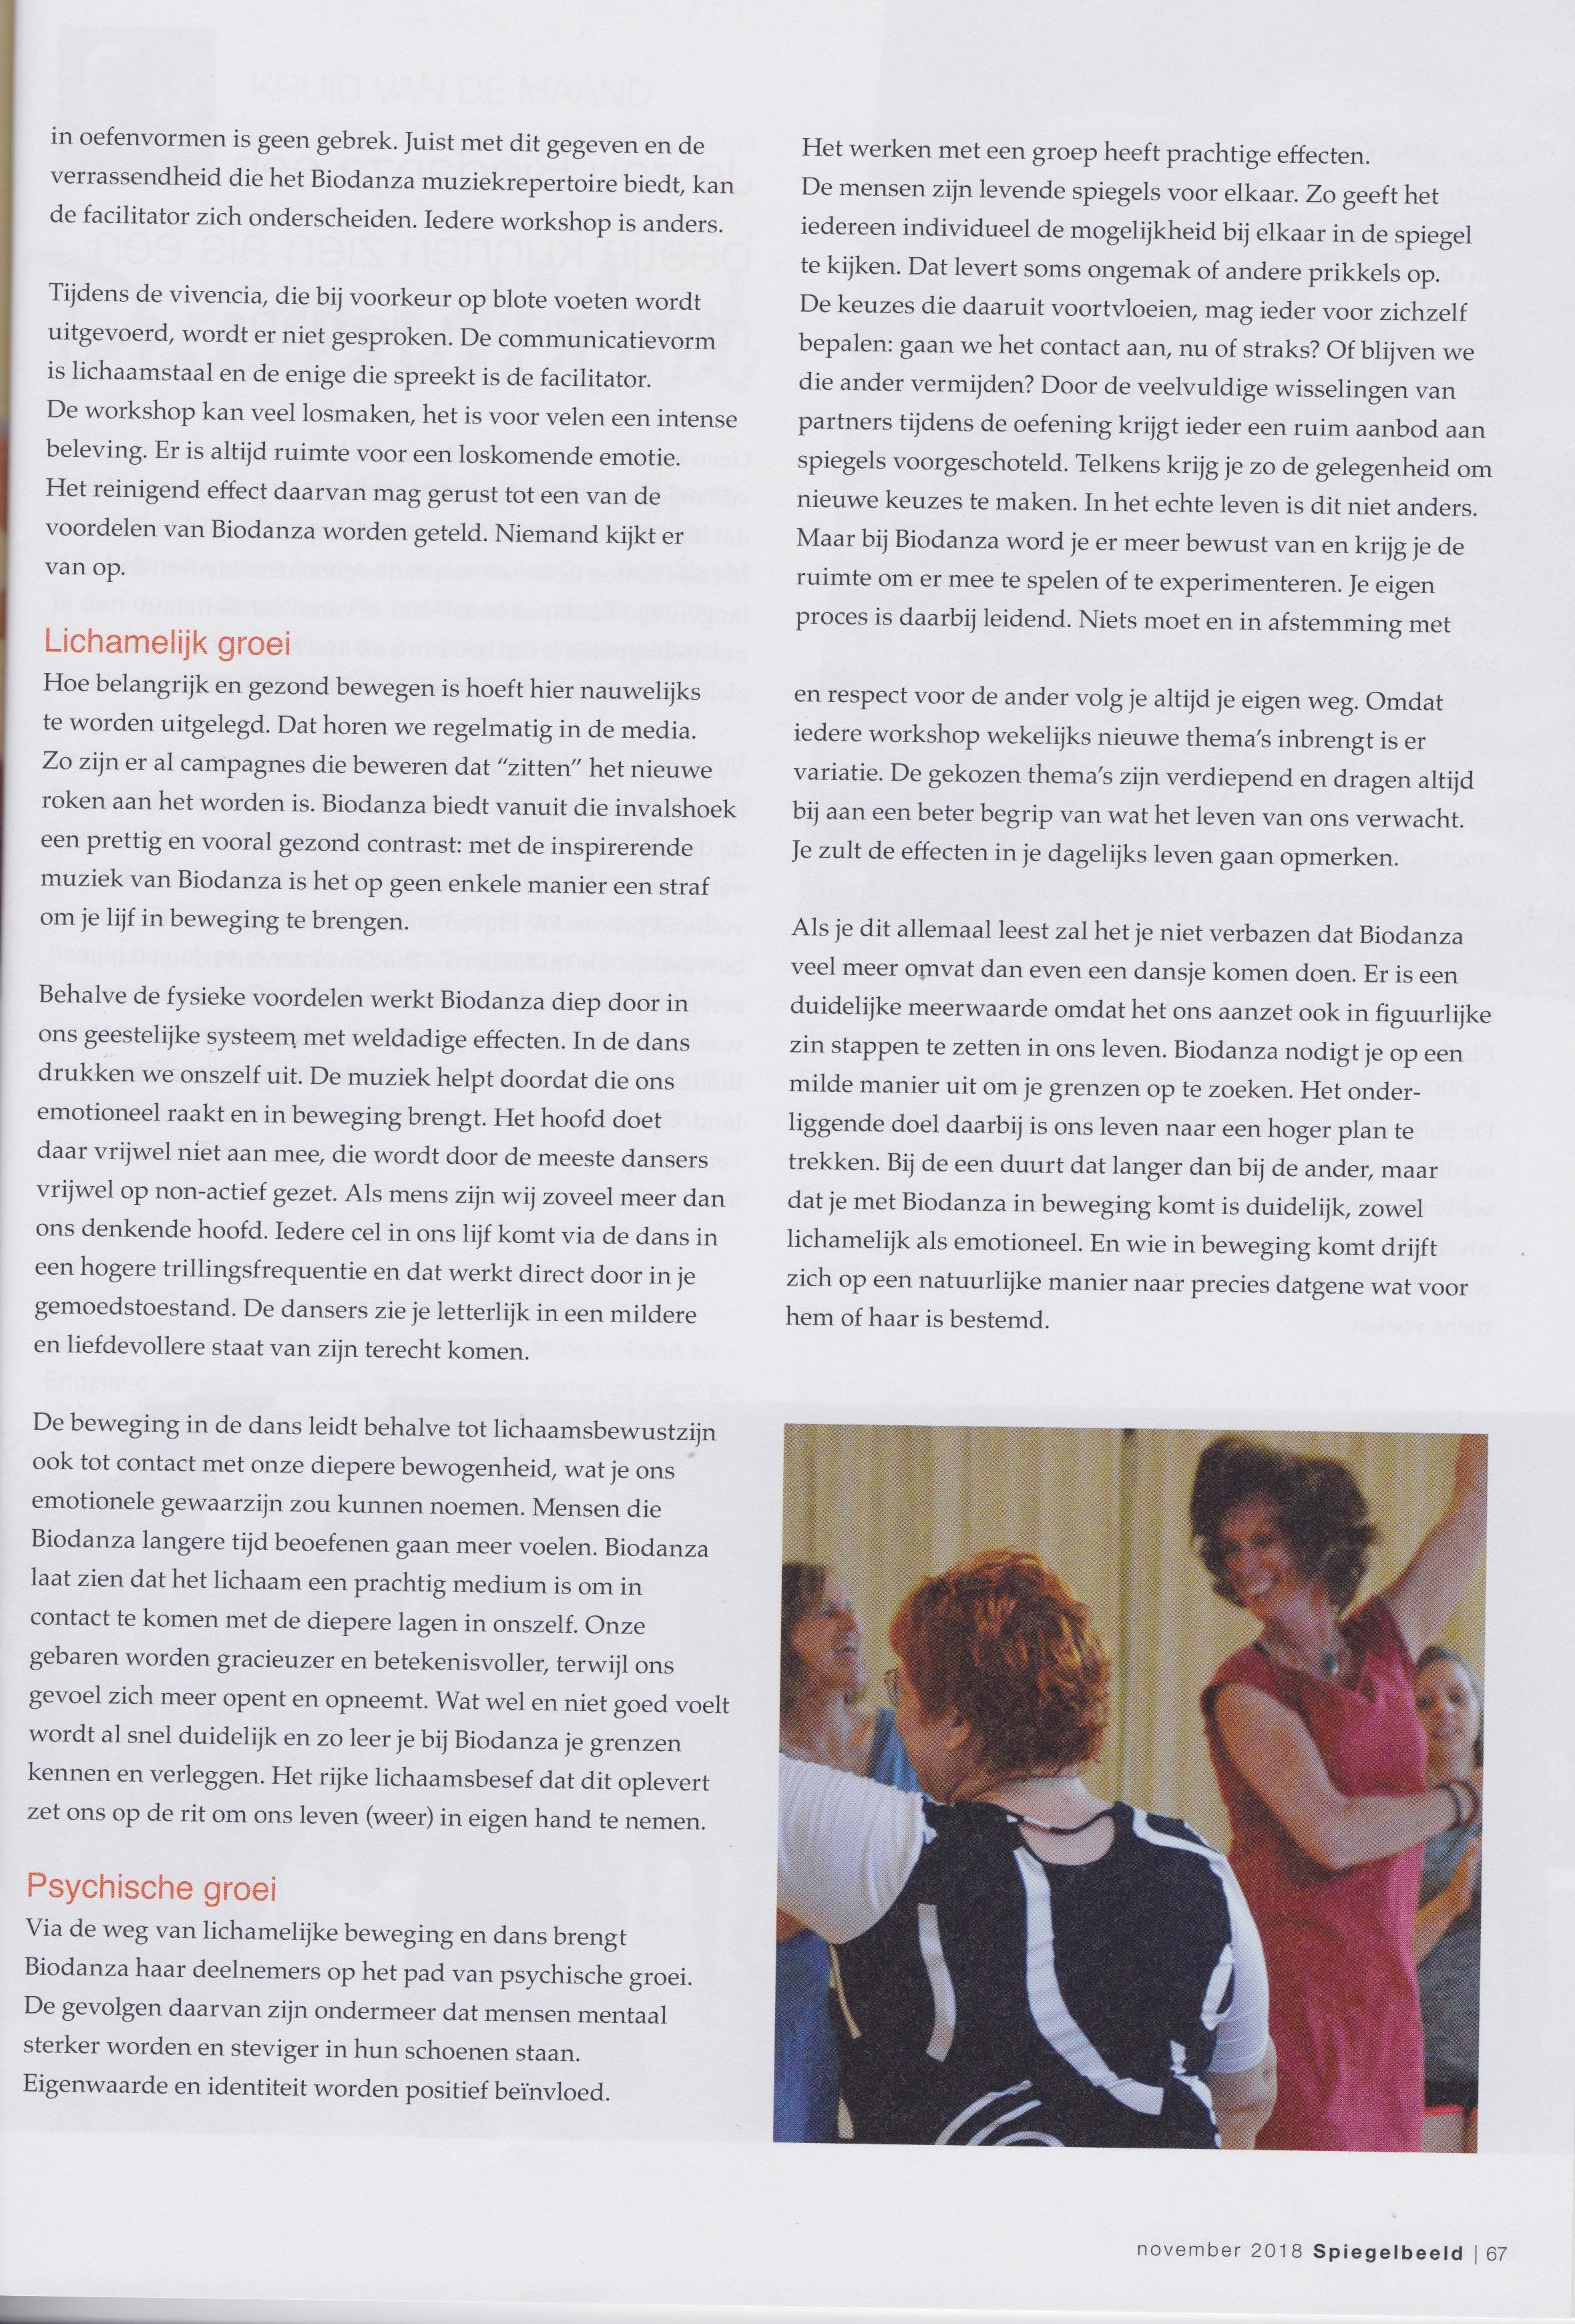 Pagina-4-Biodanza-Spiegelbeeld